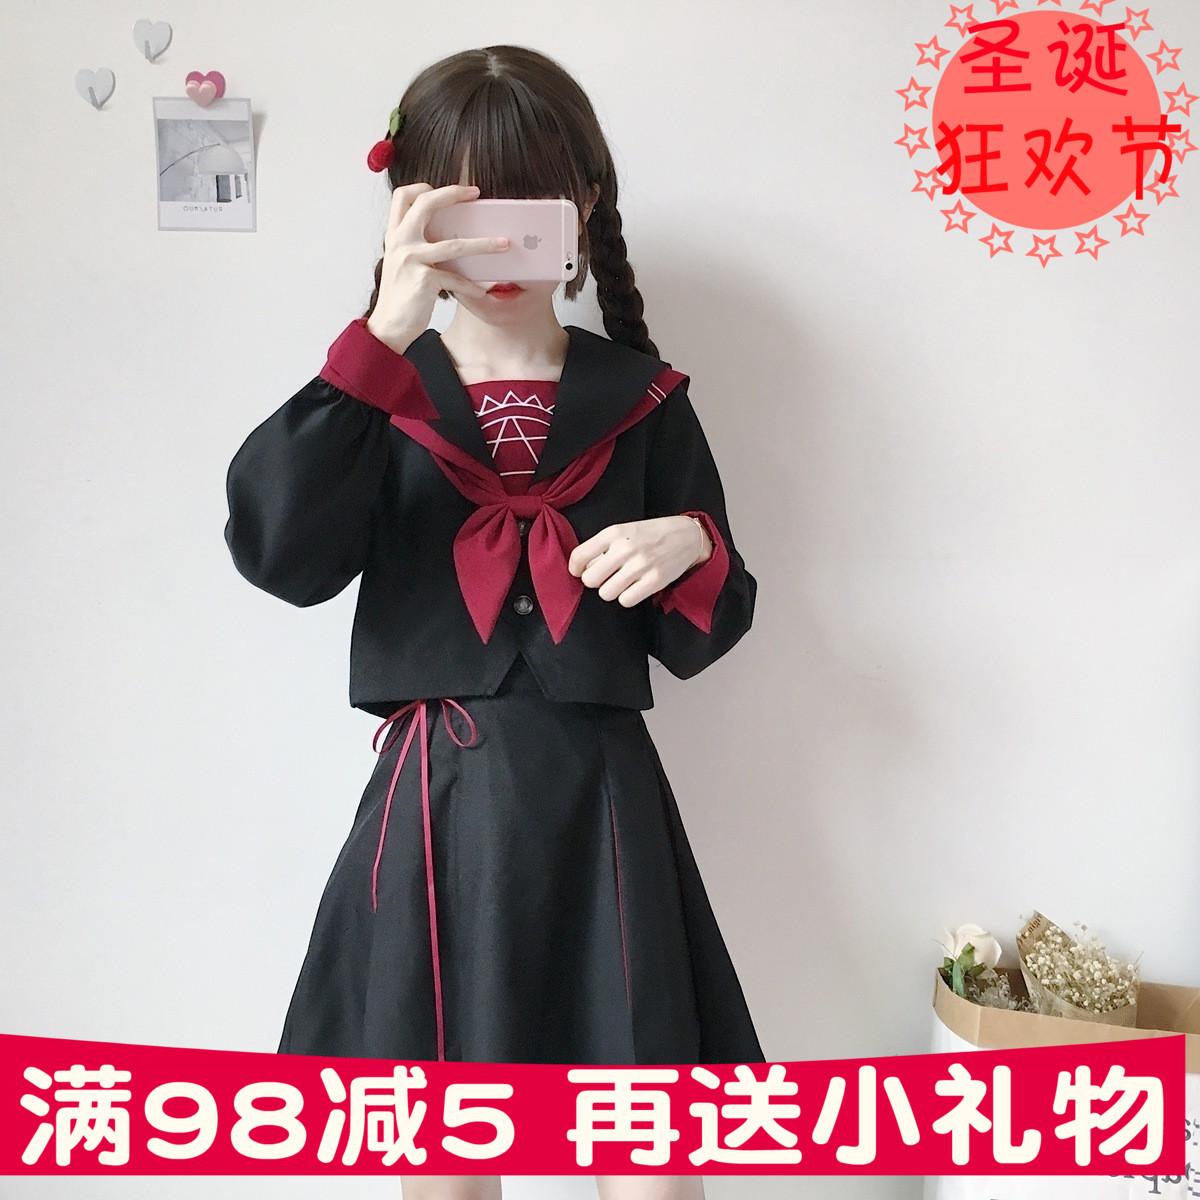 日系JK制服学生校班学院风软妹COS暗黑水手中间服长短袖不良套装